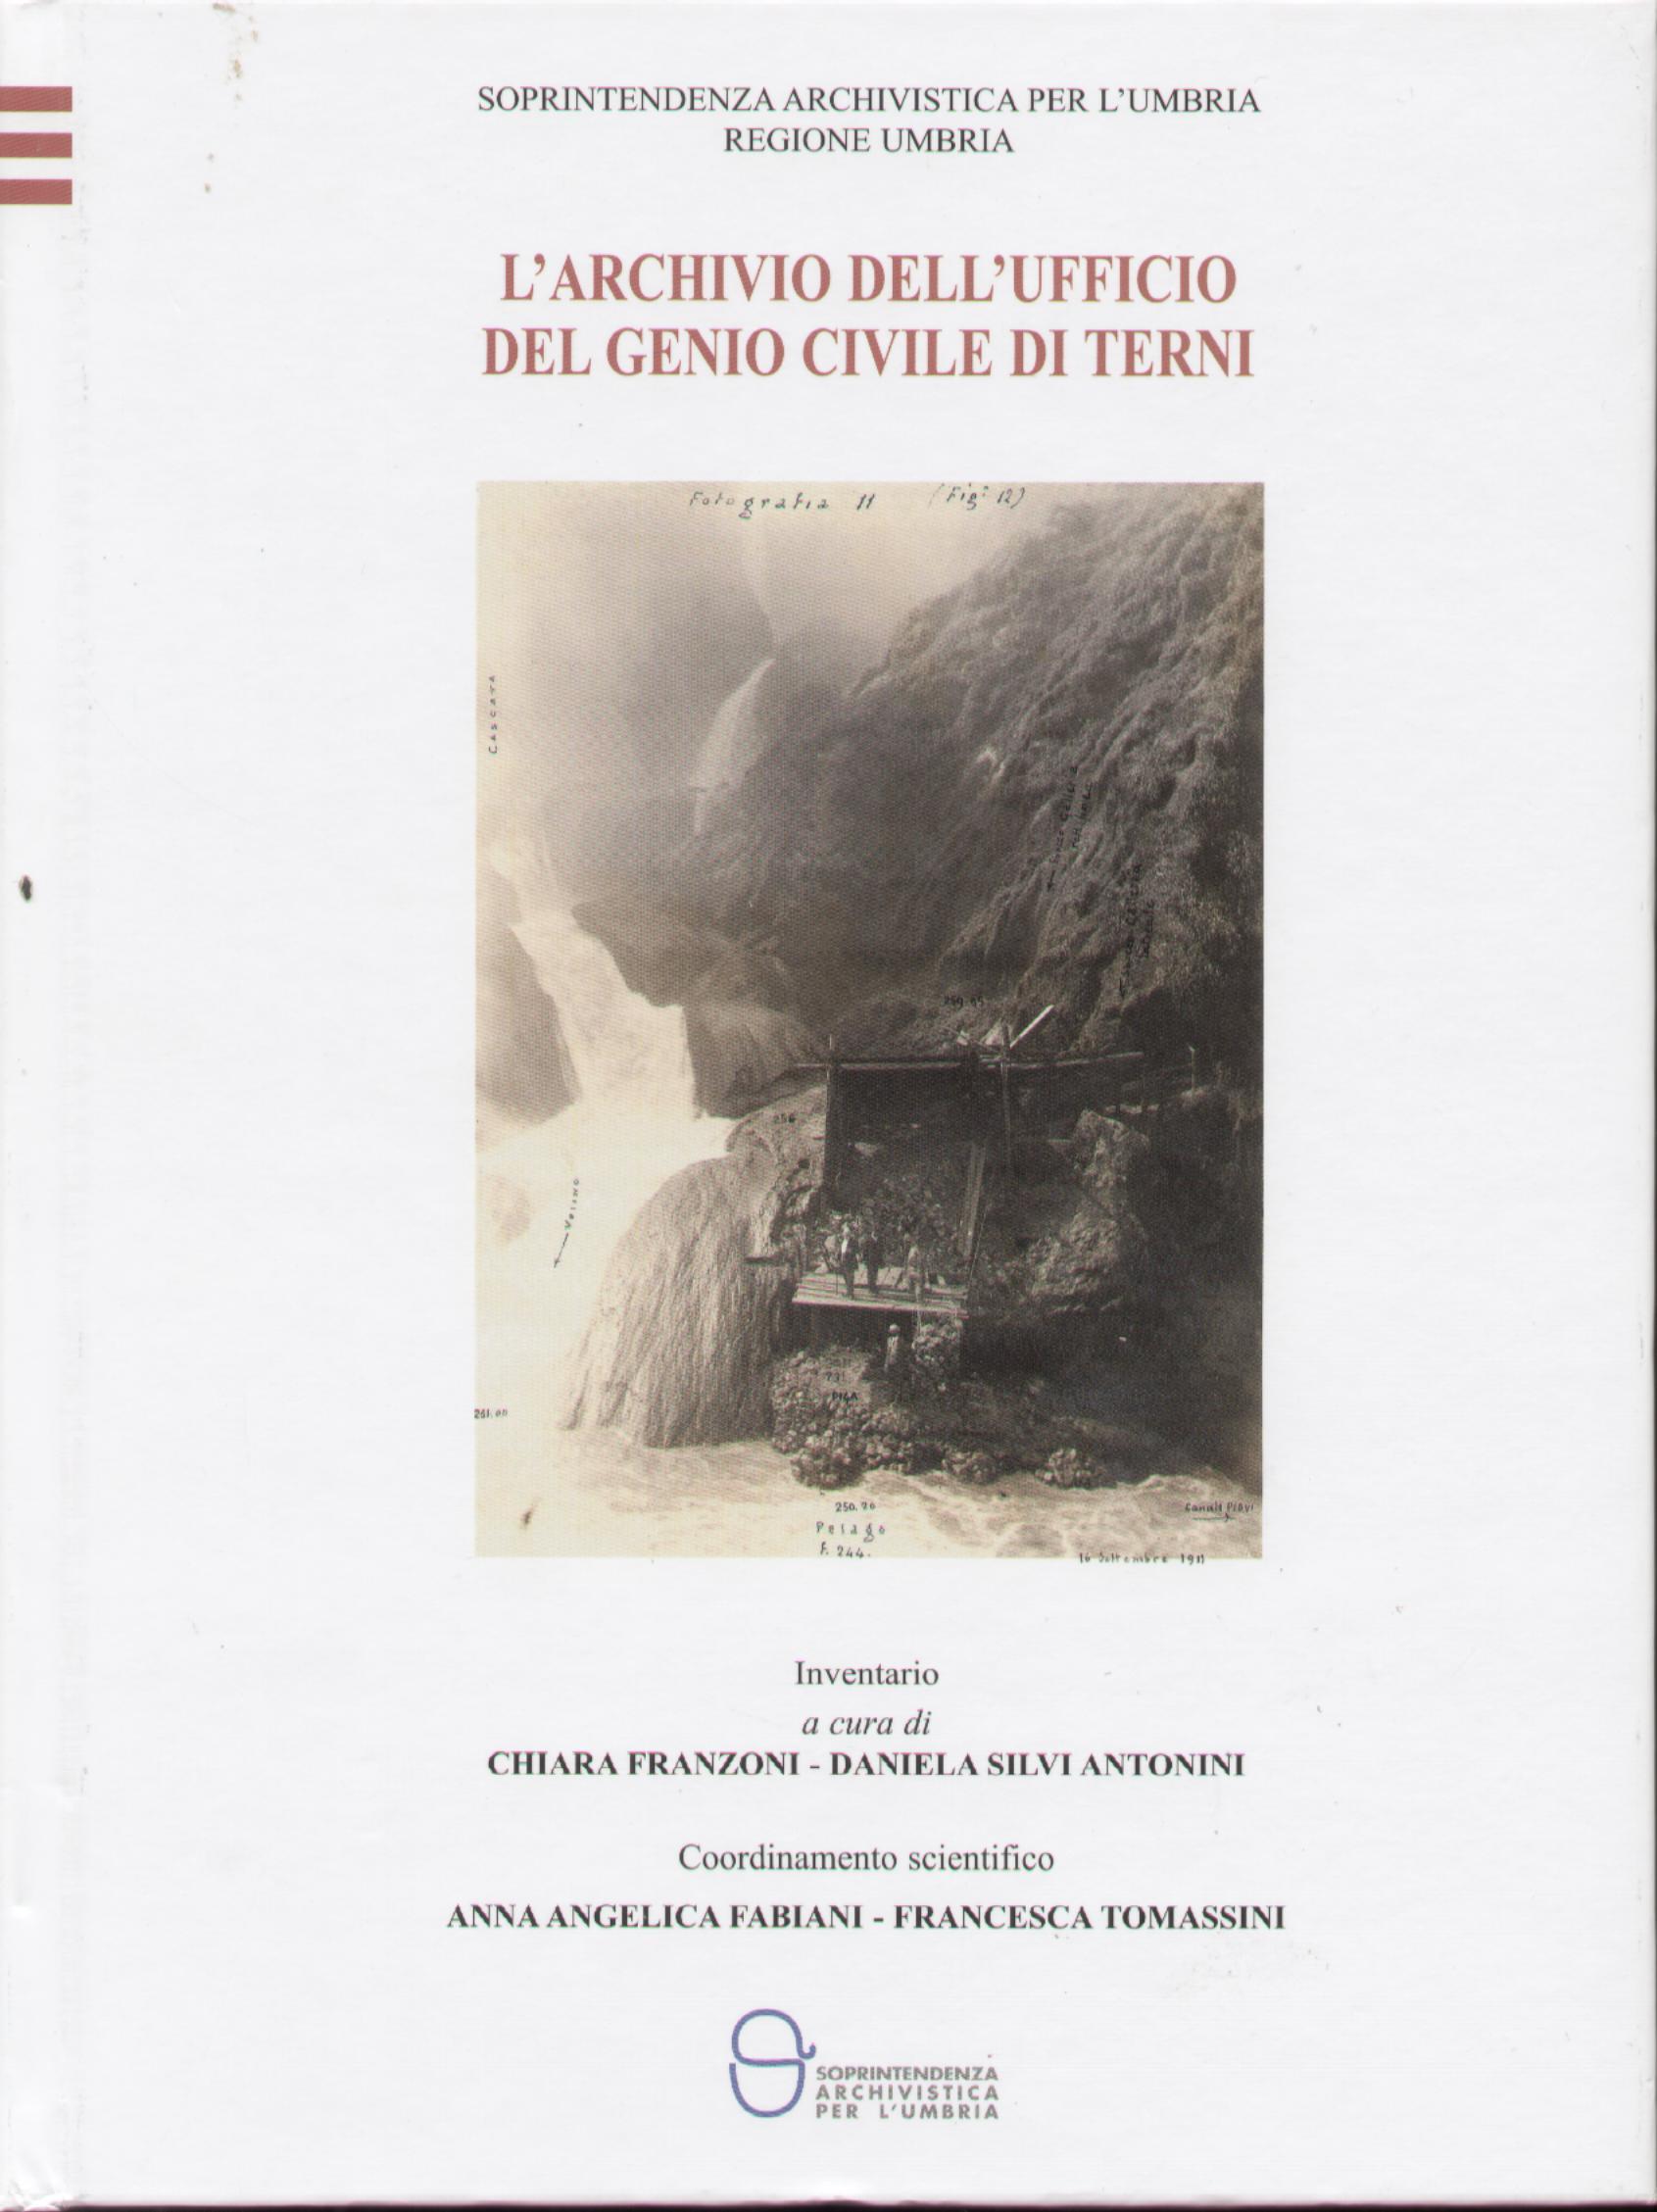 L'archivio dell'ufficio del genio civile di Terni